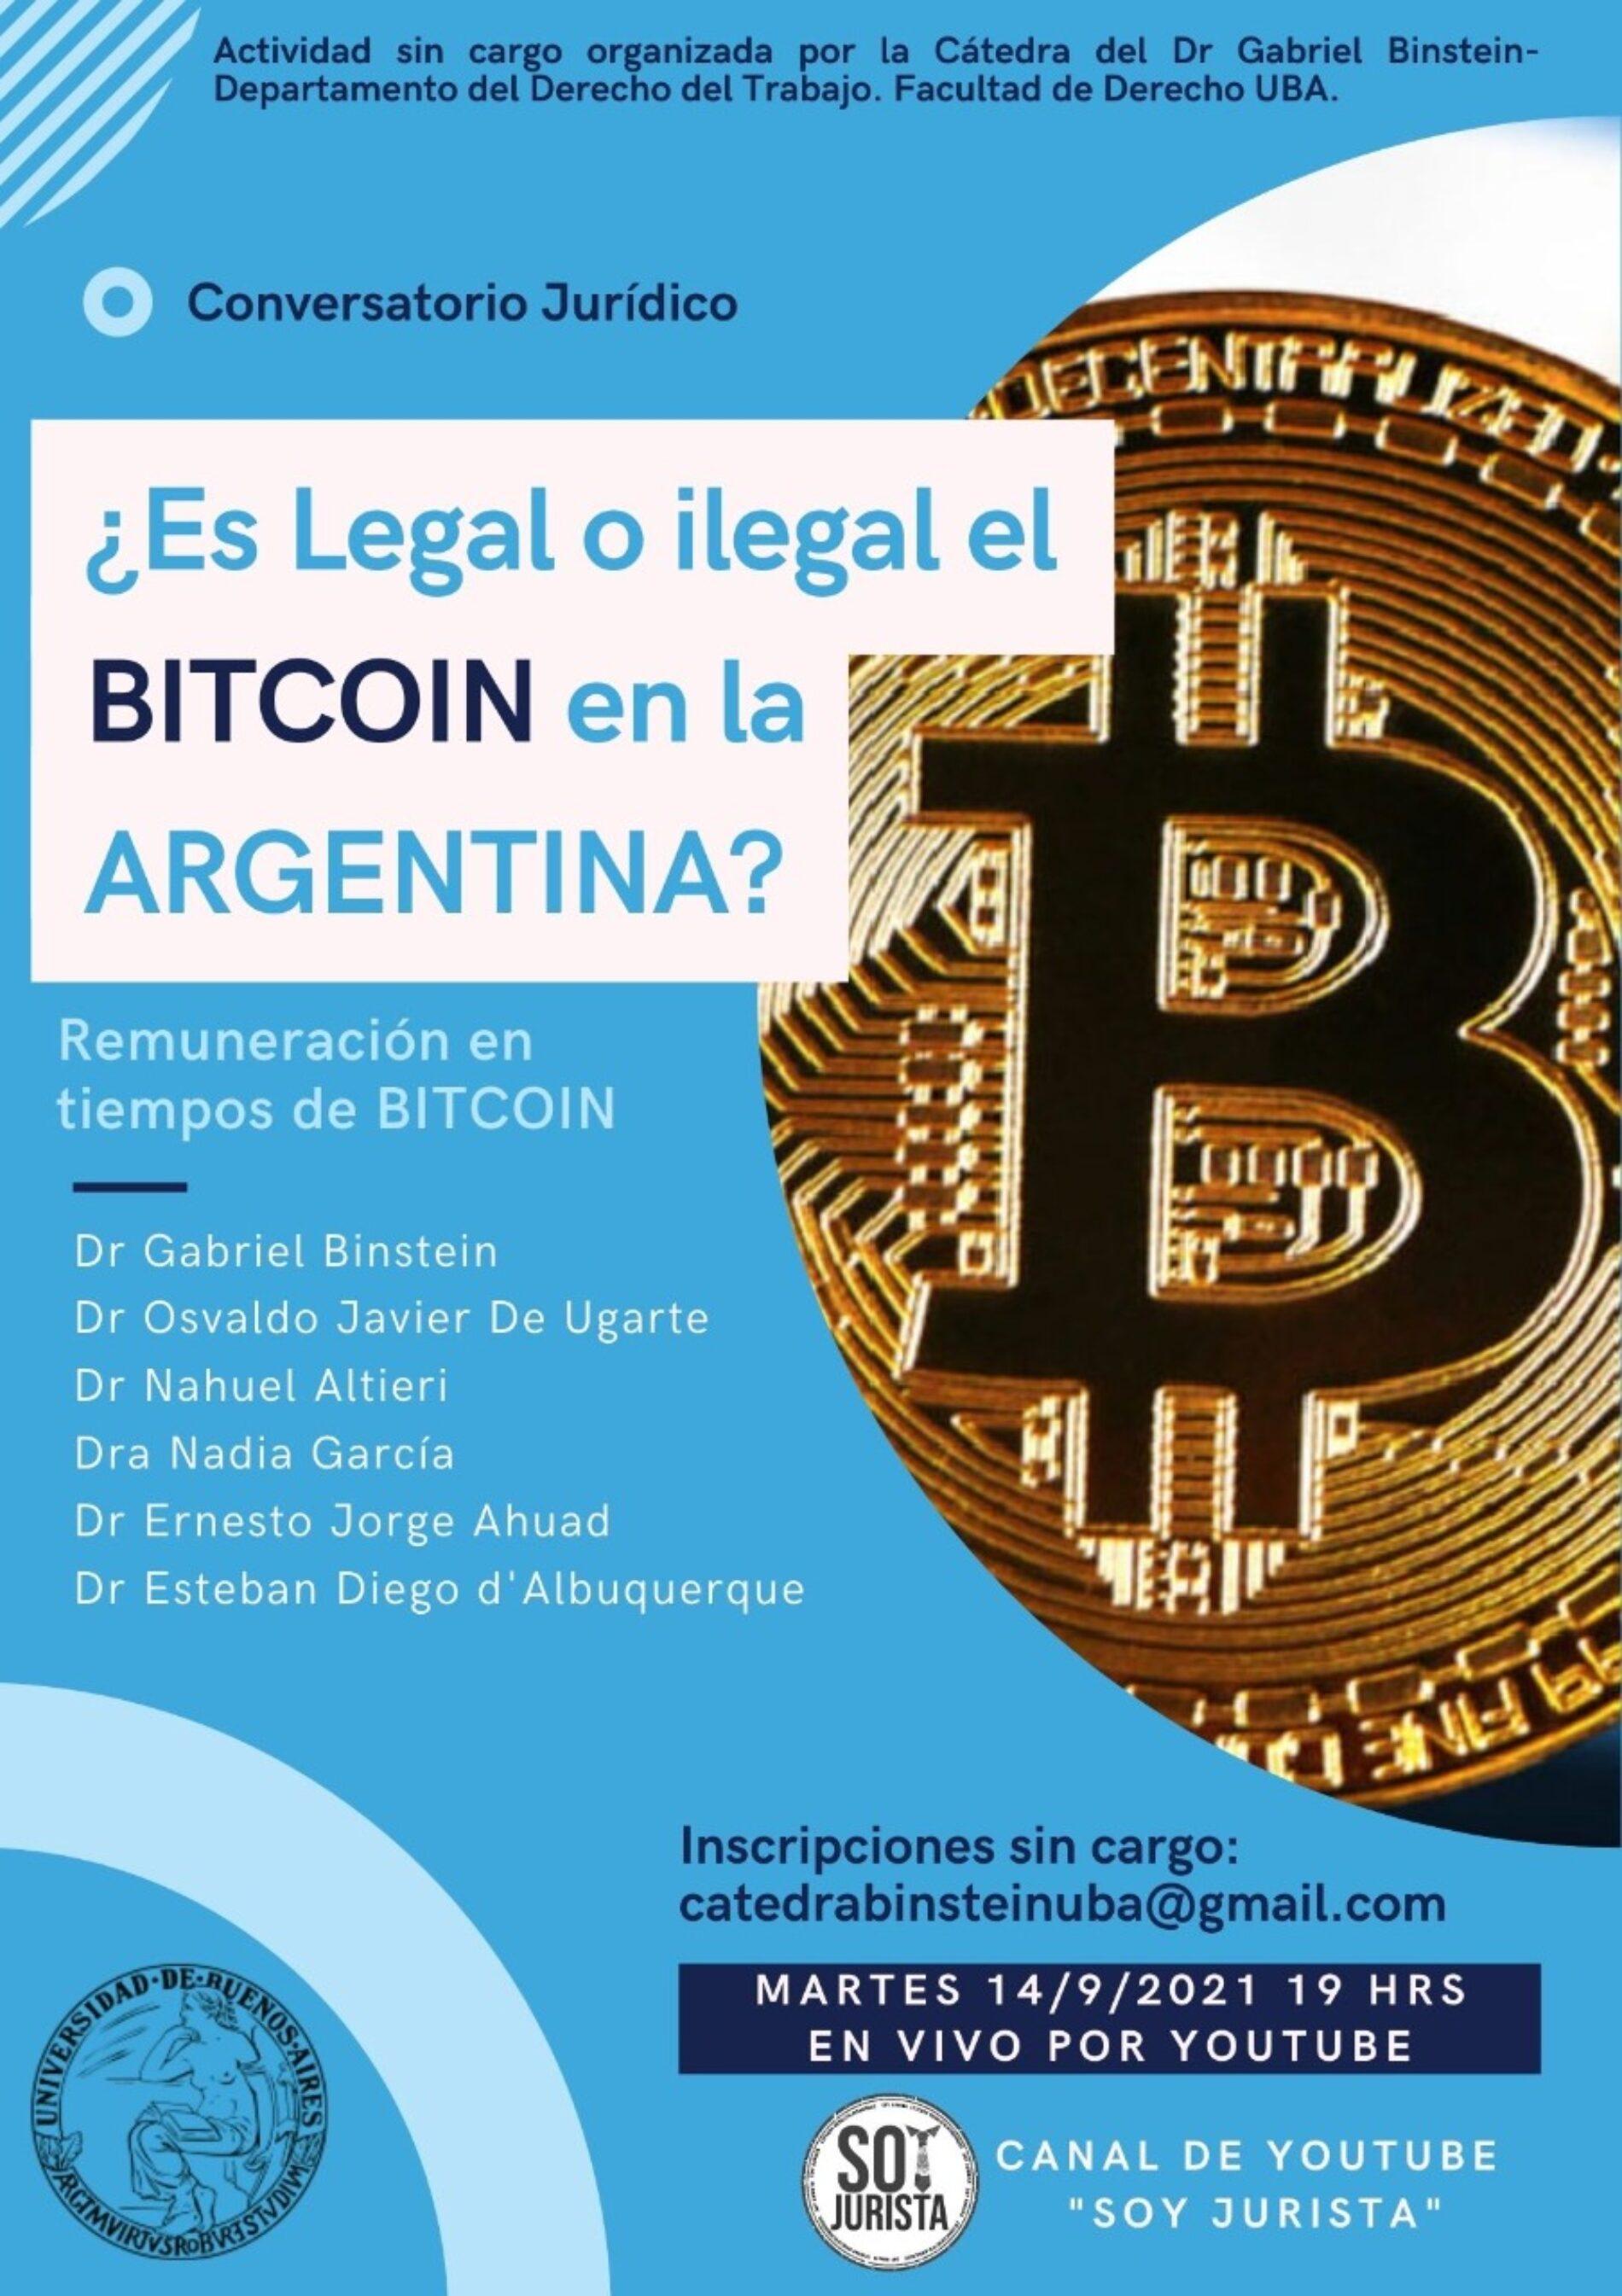 Conversatorio Jurídico: ¿Es legal o ilegal el Bitcoin en la Argentina?